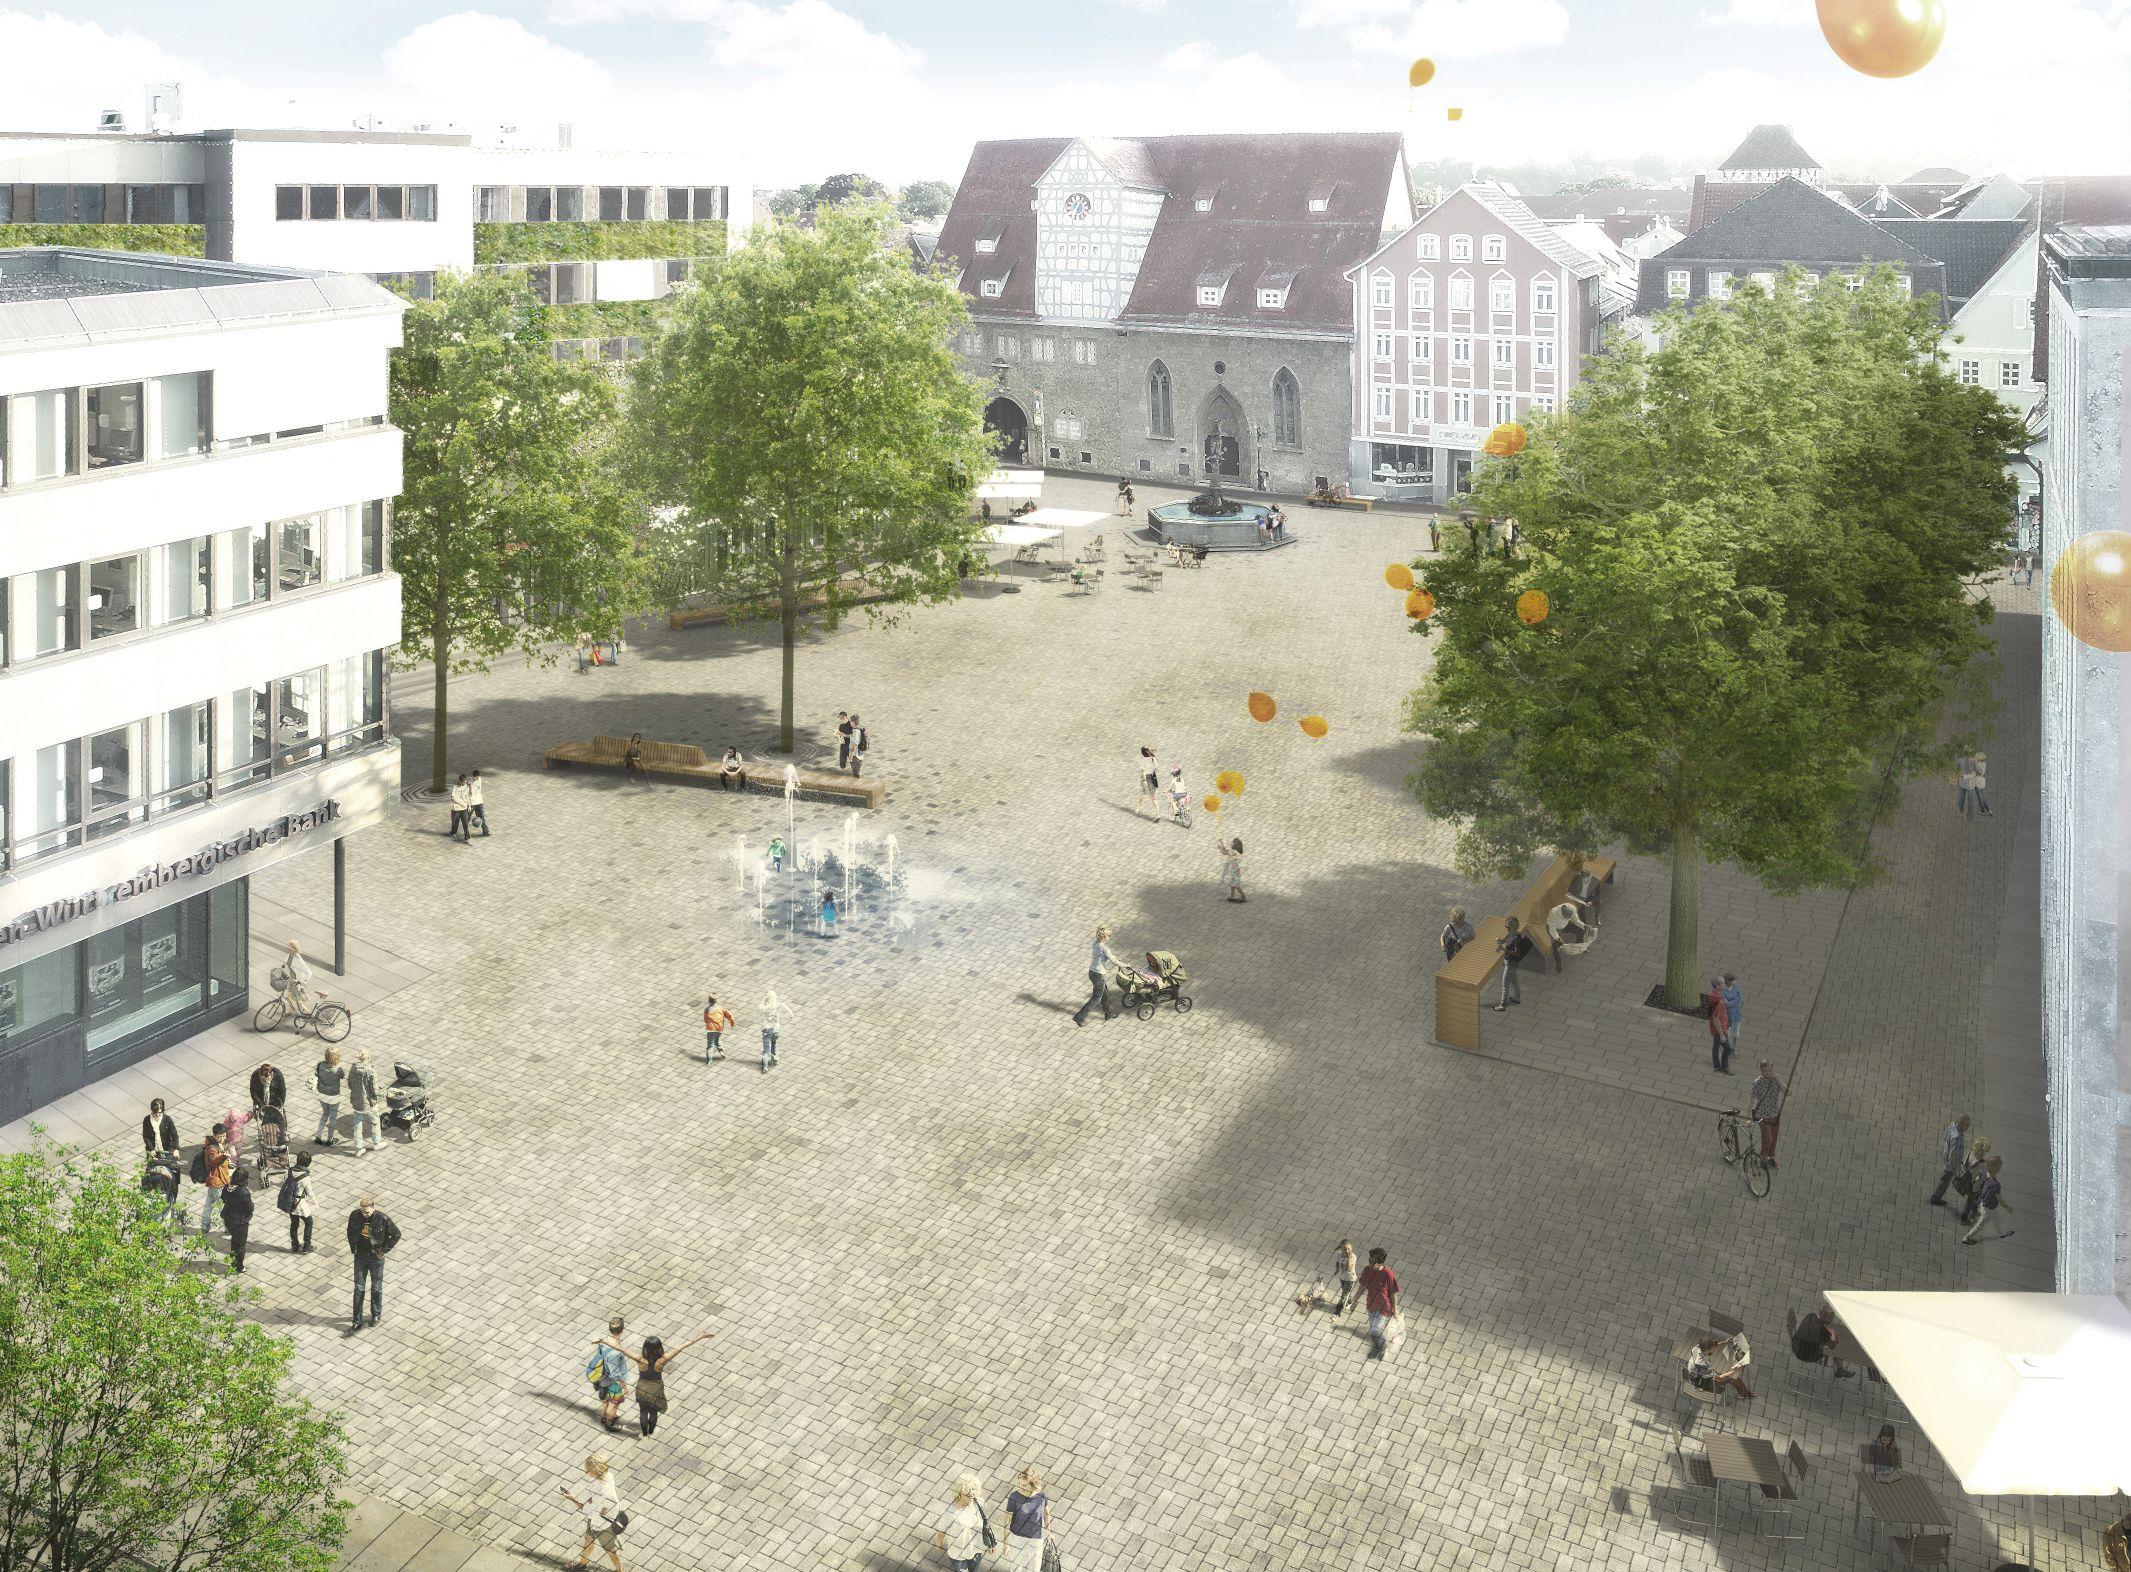 1. Platz Realisierungswettbewerb: Ansicht Marktplatz von Glück Landschaftsarchitektur GmbH, Stuttgart mit Daniel Schönle Architektur und Stadtplanung, Stuttgart